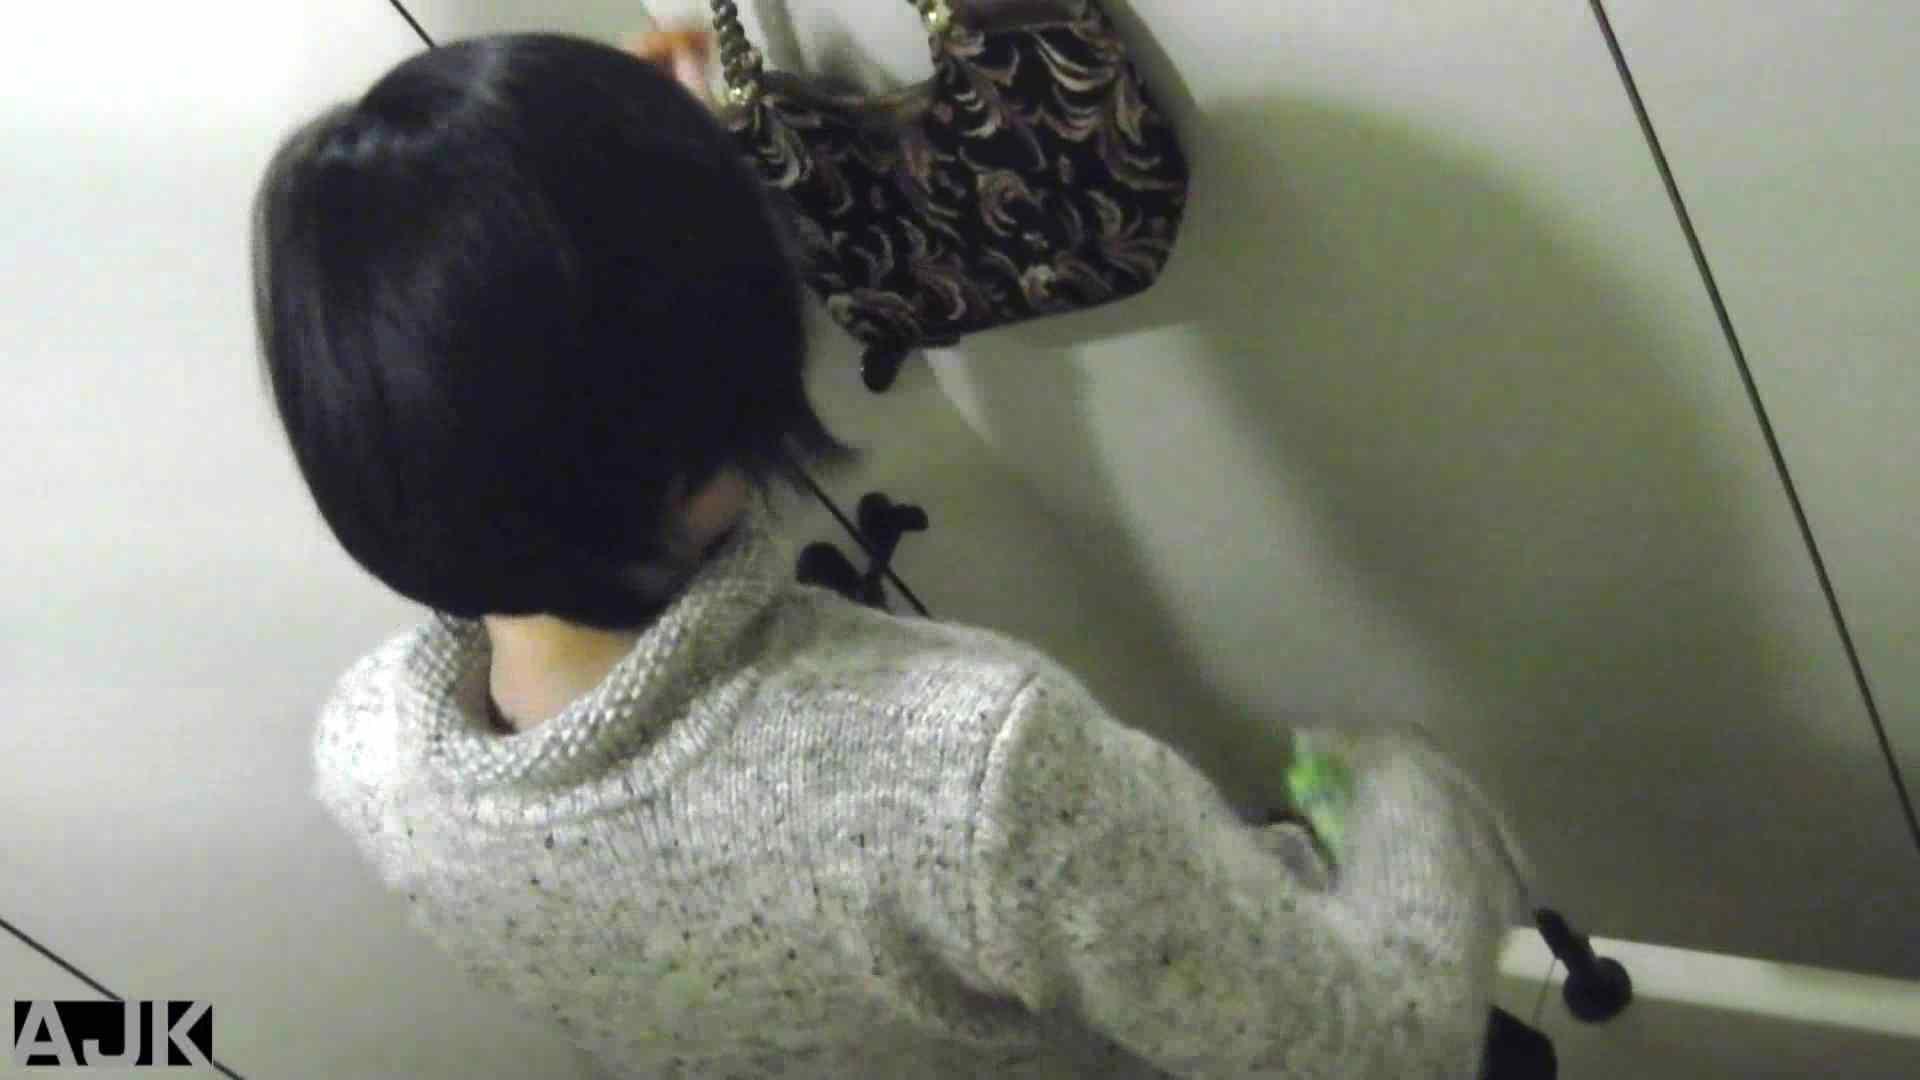 隣国上階級エリアの令嬢たちが集うデパートお手洗い Vol.19 美女 われめAV動画紹介 99枚 4